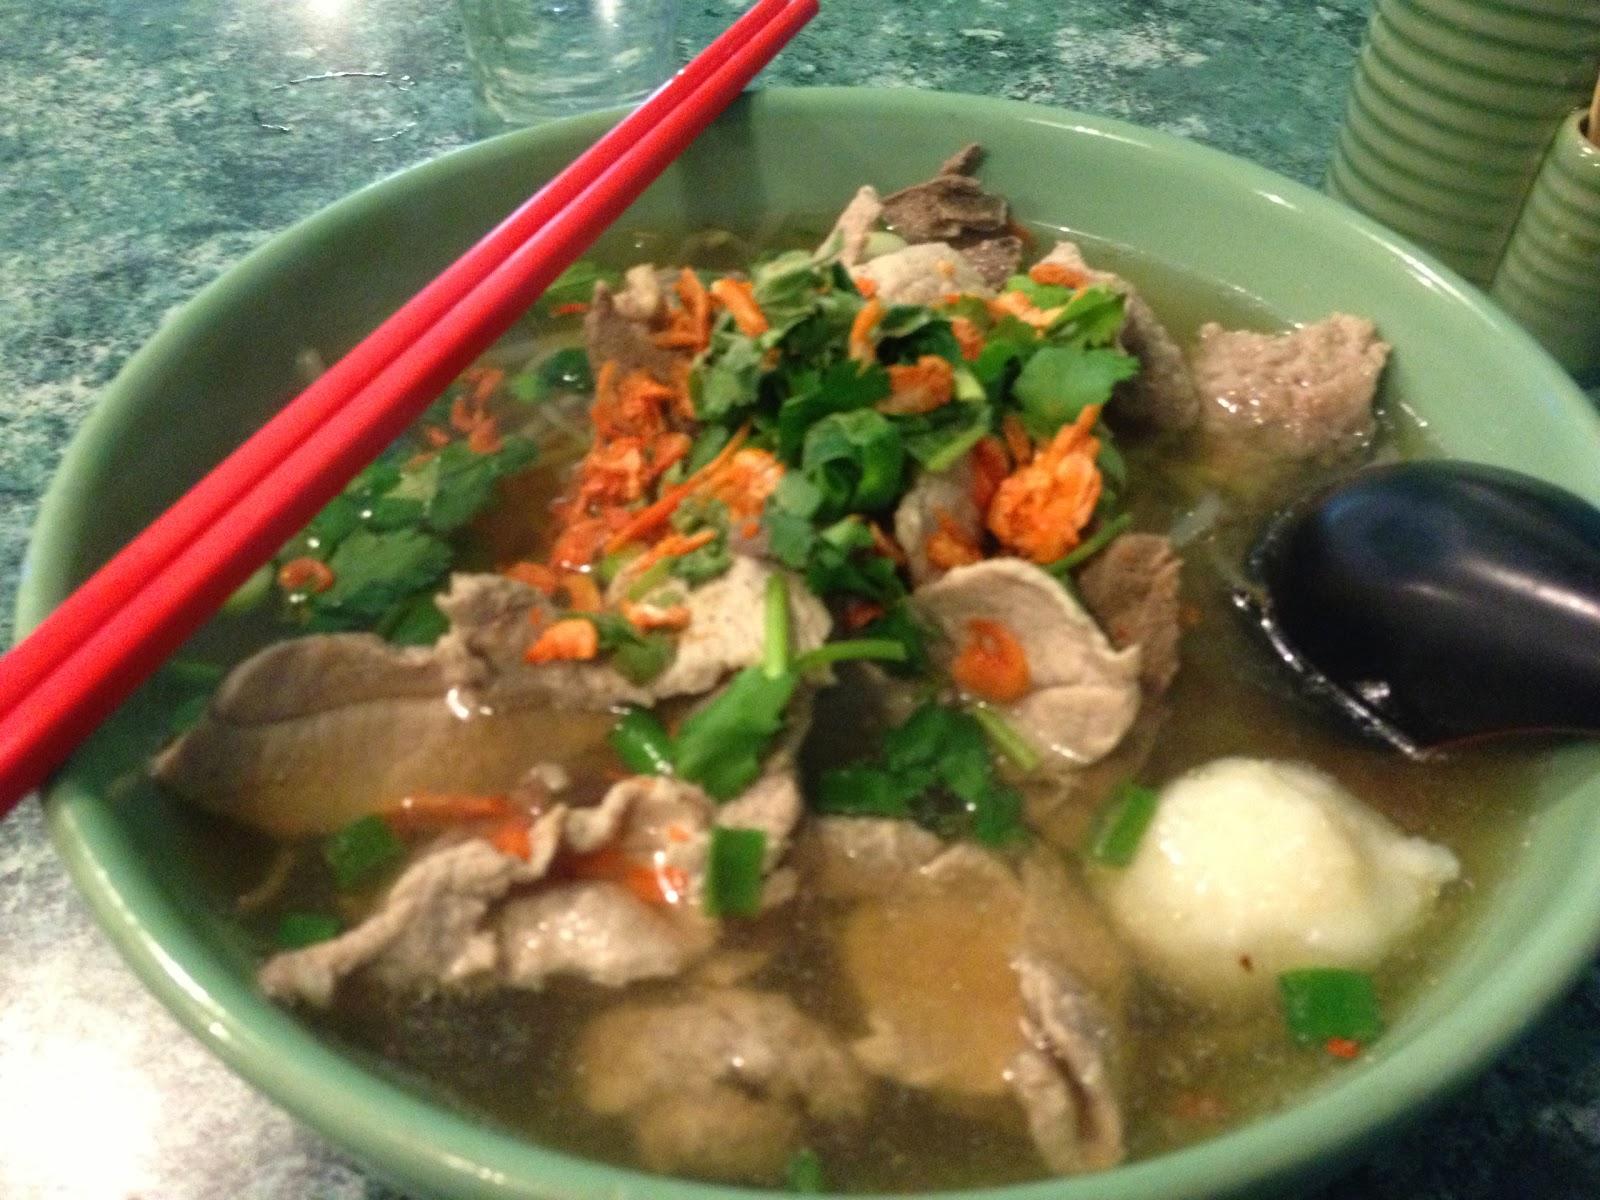 Asian restaurants in melbourne ying thai 2 thai restaurant for Asian cuisine melbourne